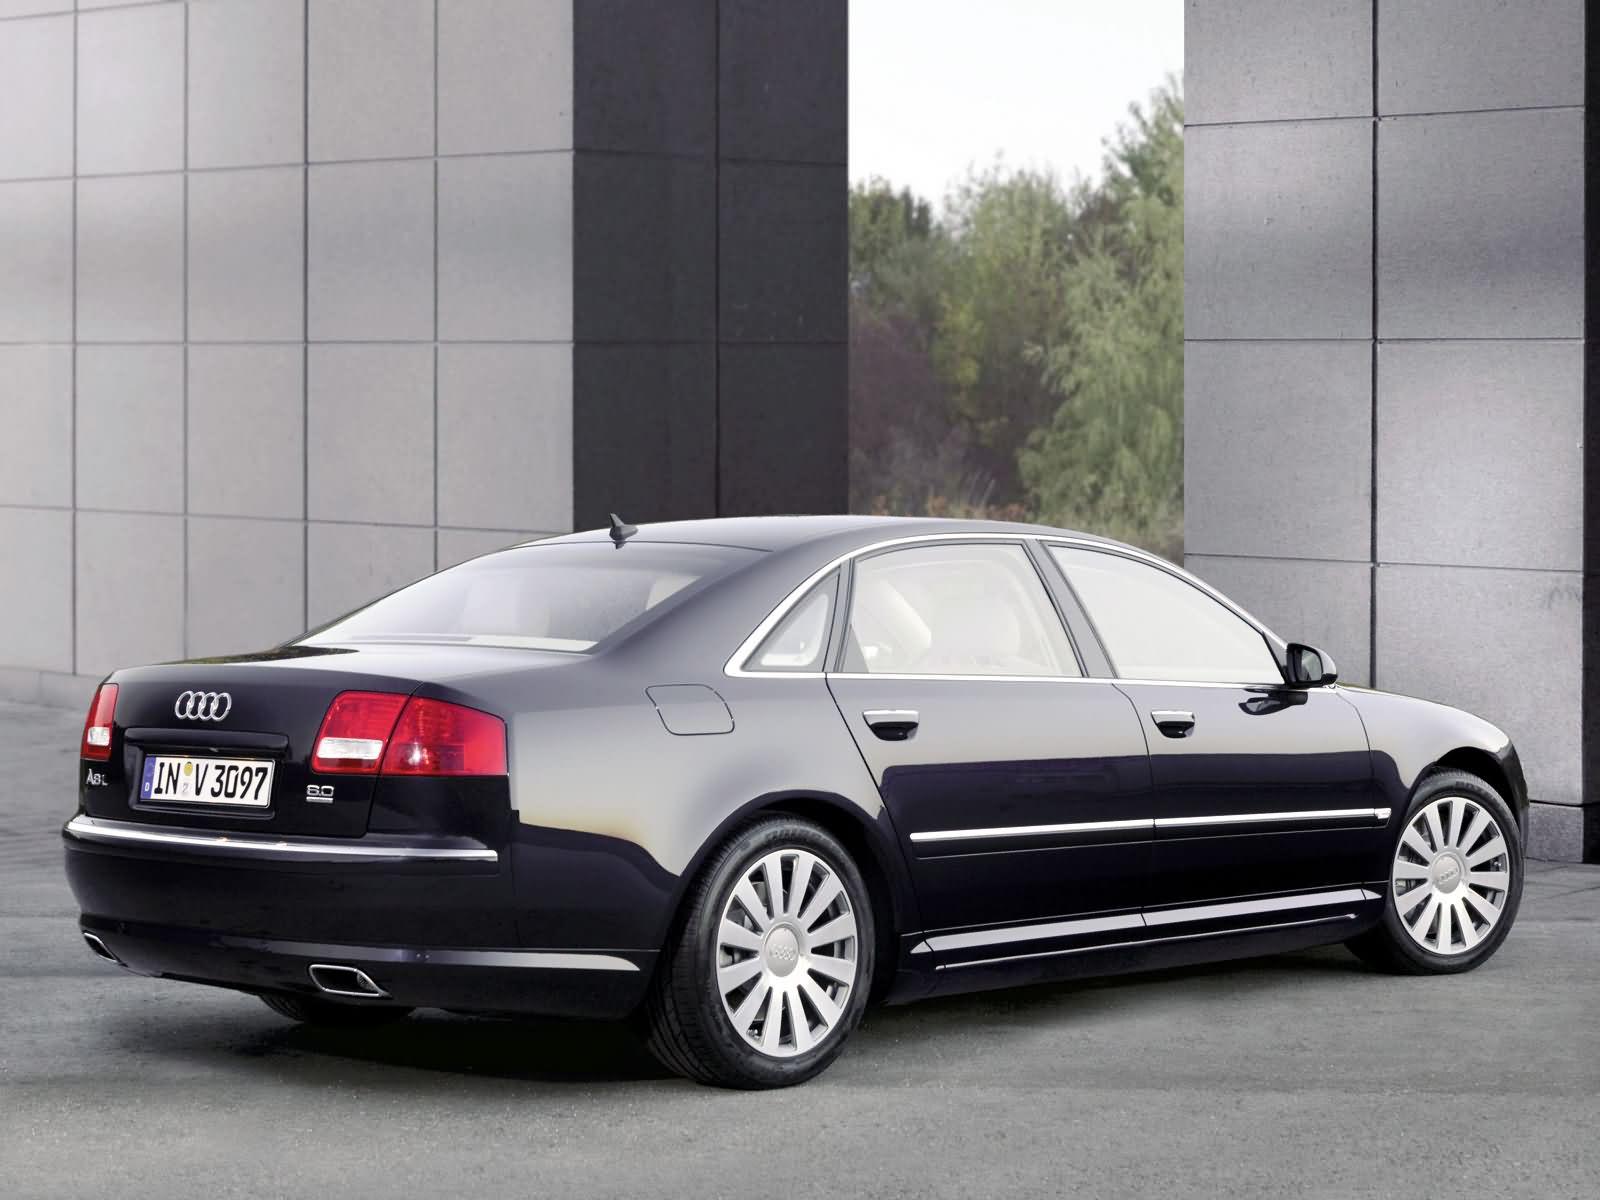 Audi A8 Autosmr